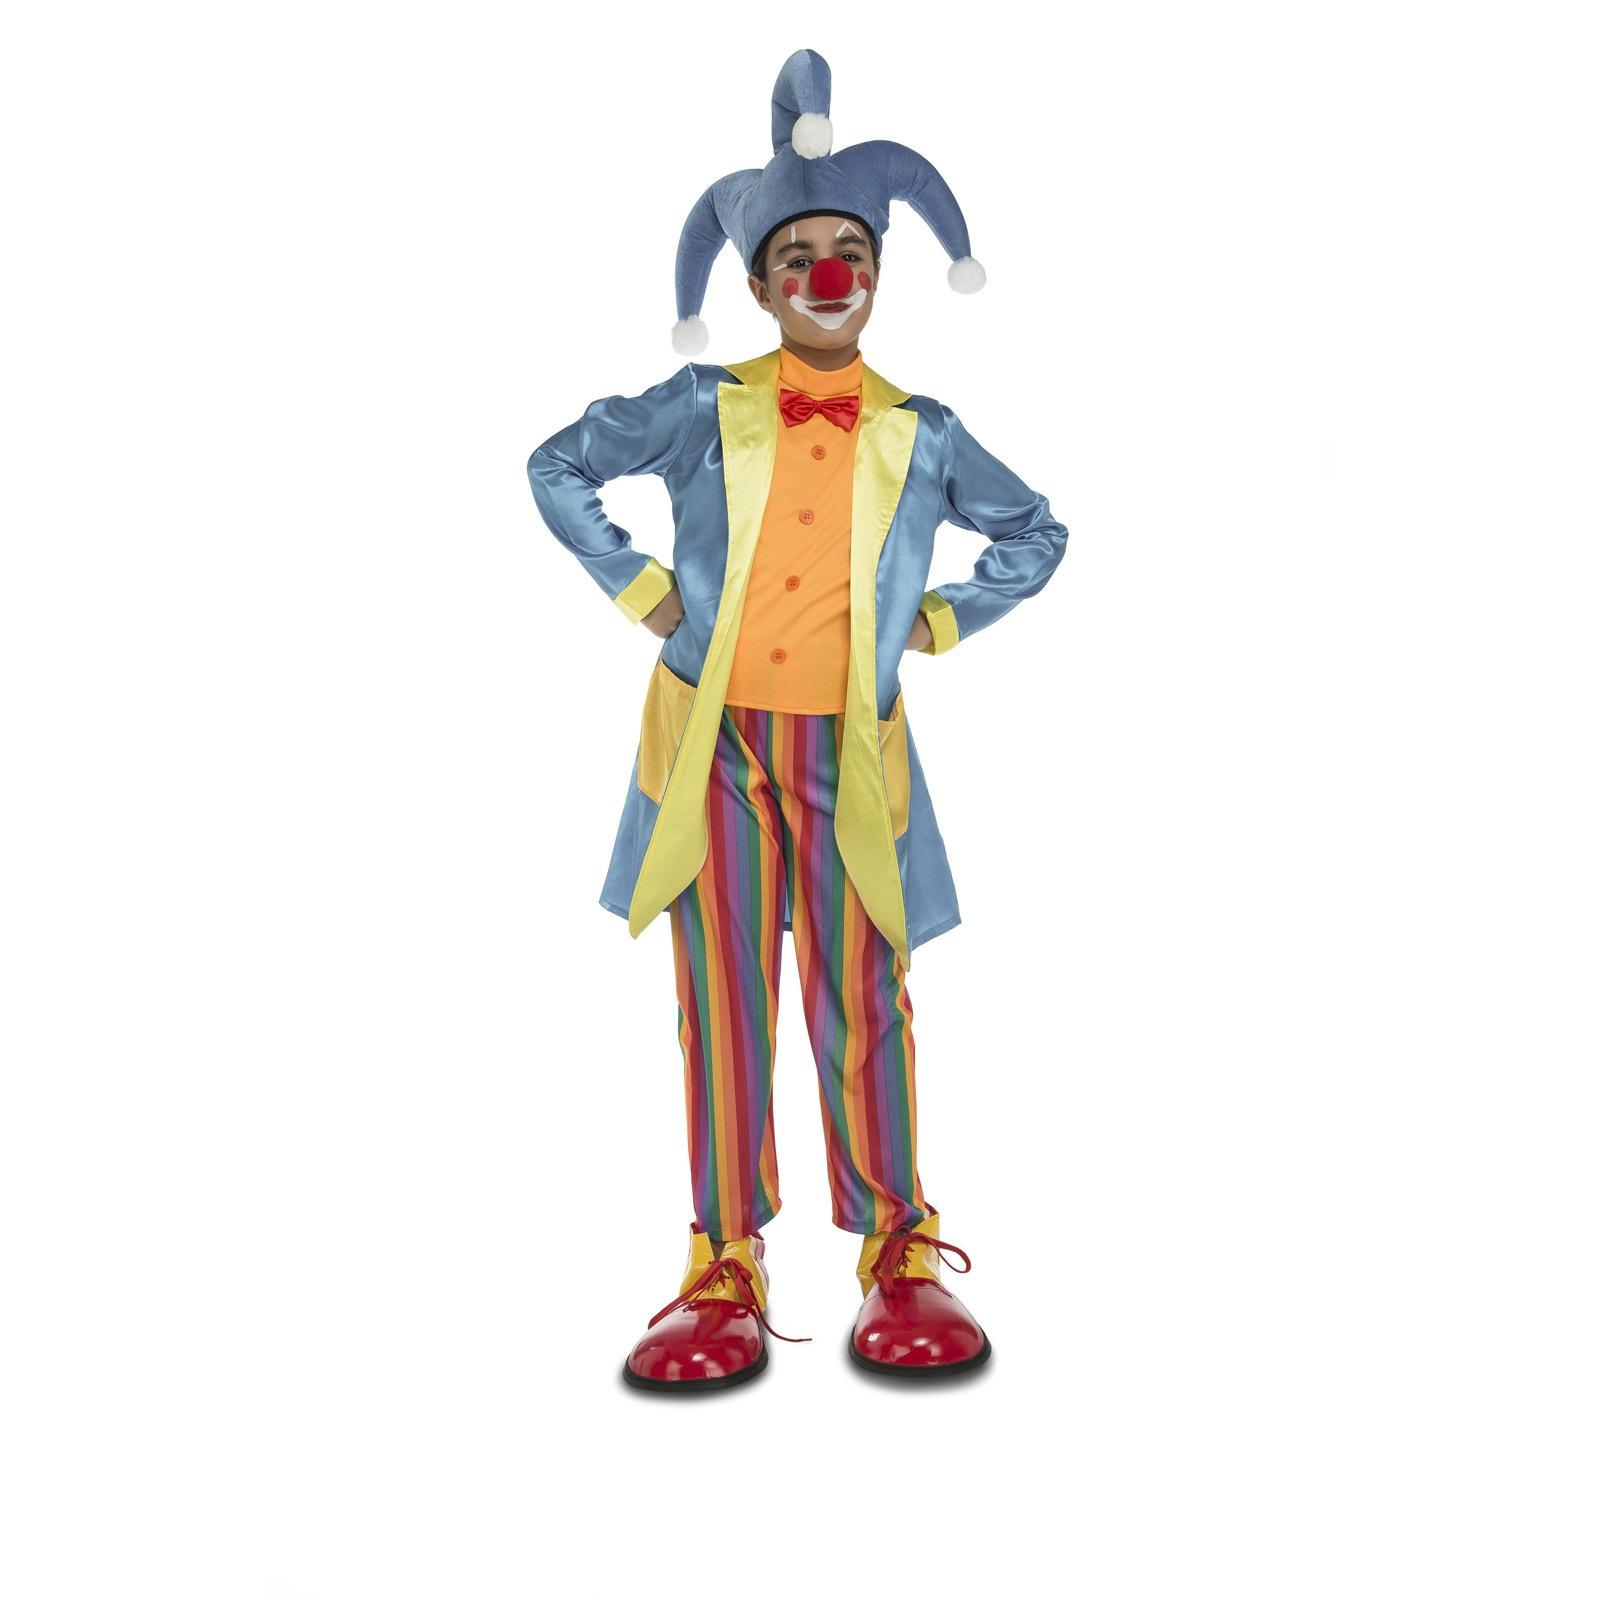 disfraz payaso con chaqueta niño 204897mom - DISFRAZ DE PAYASO CON CHAQUETA NIÑO